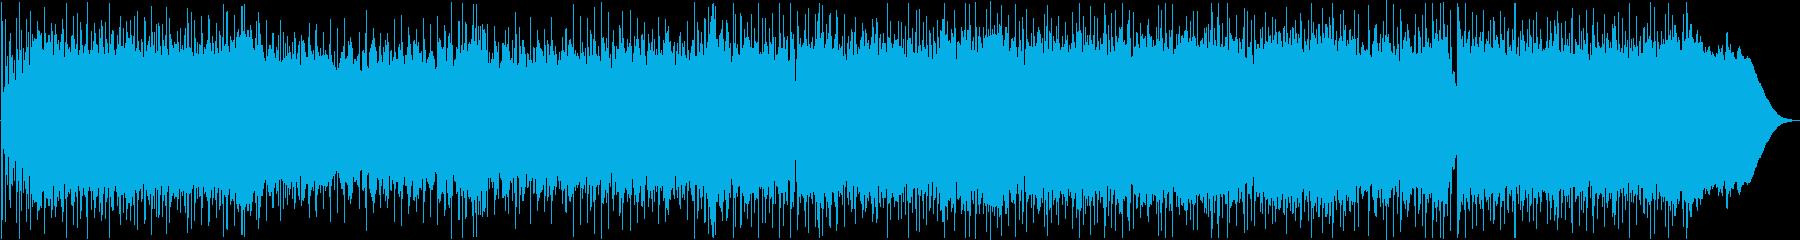 疾走感あるキャッチ―なロックギターBGMの再生済みの波形